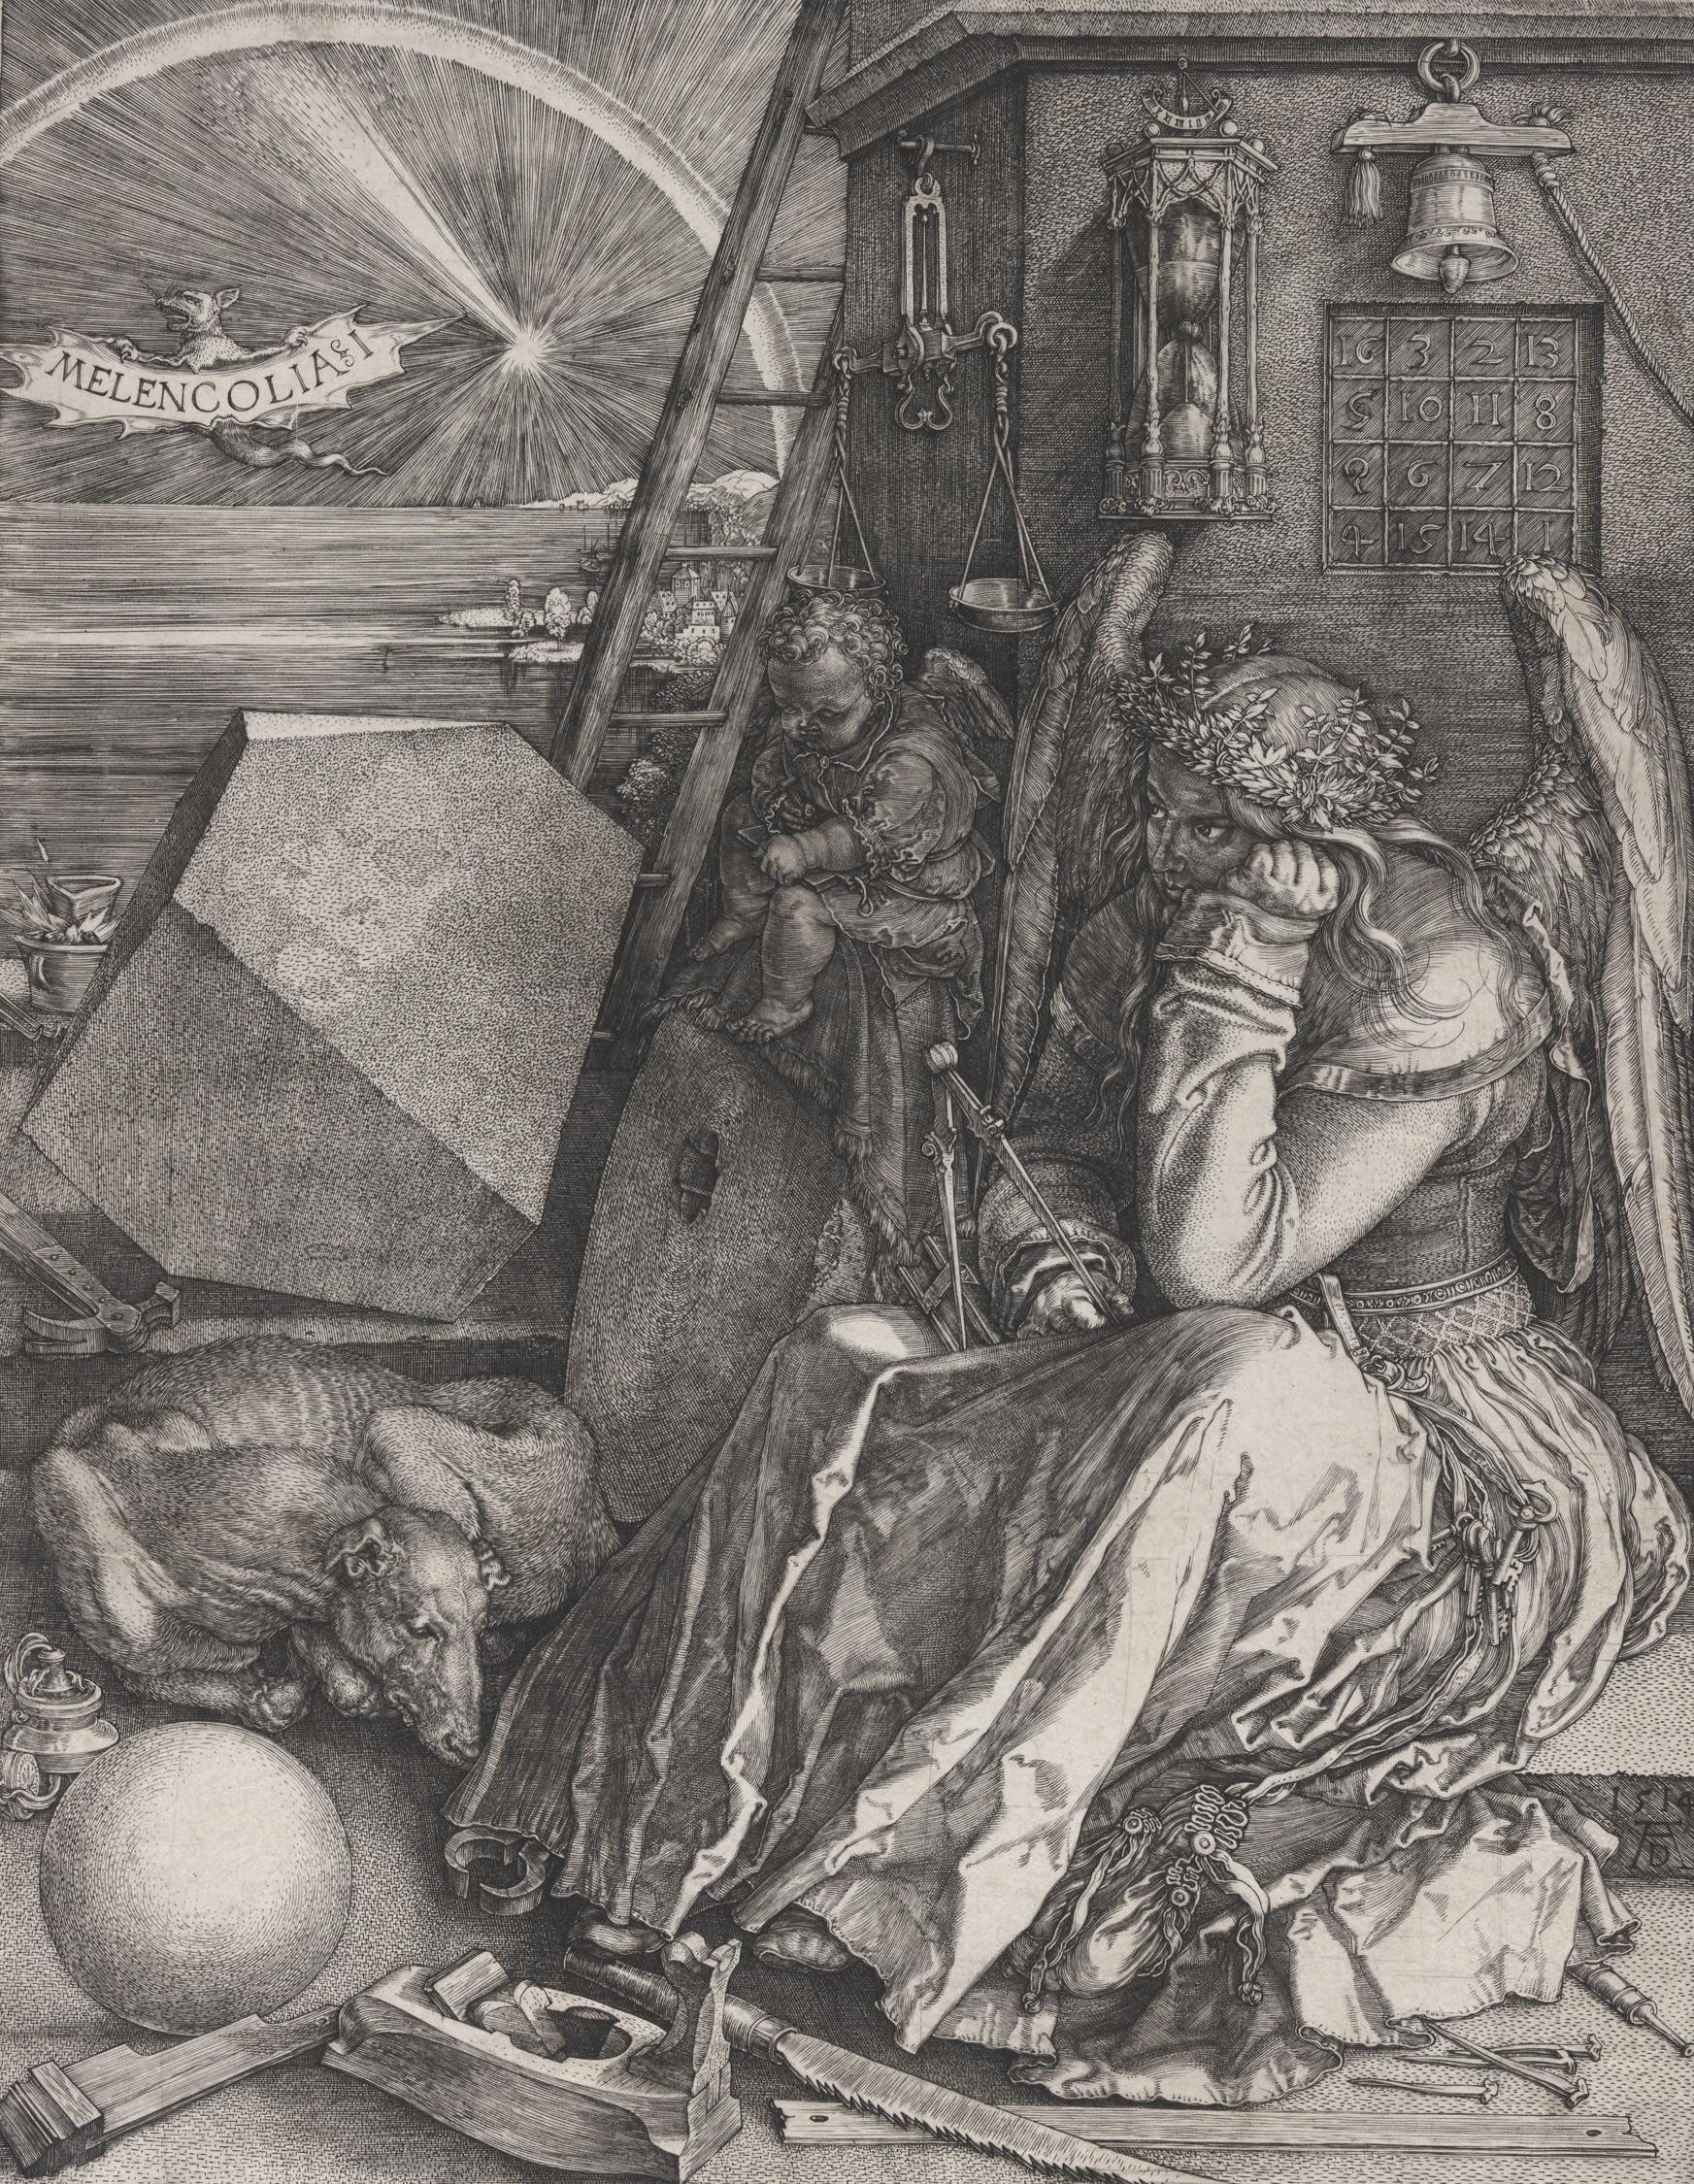 Durer's Melencolia